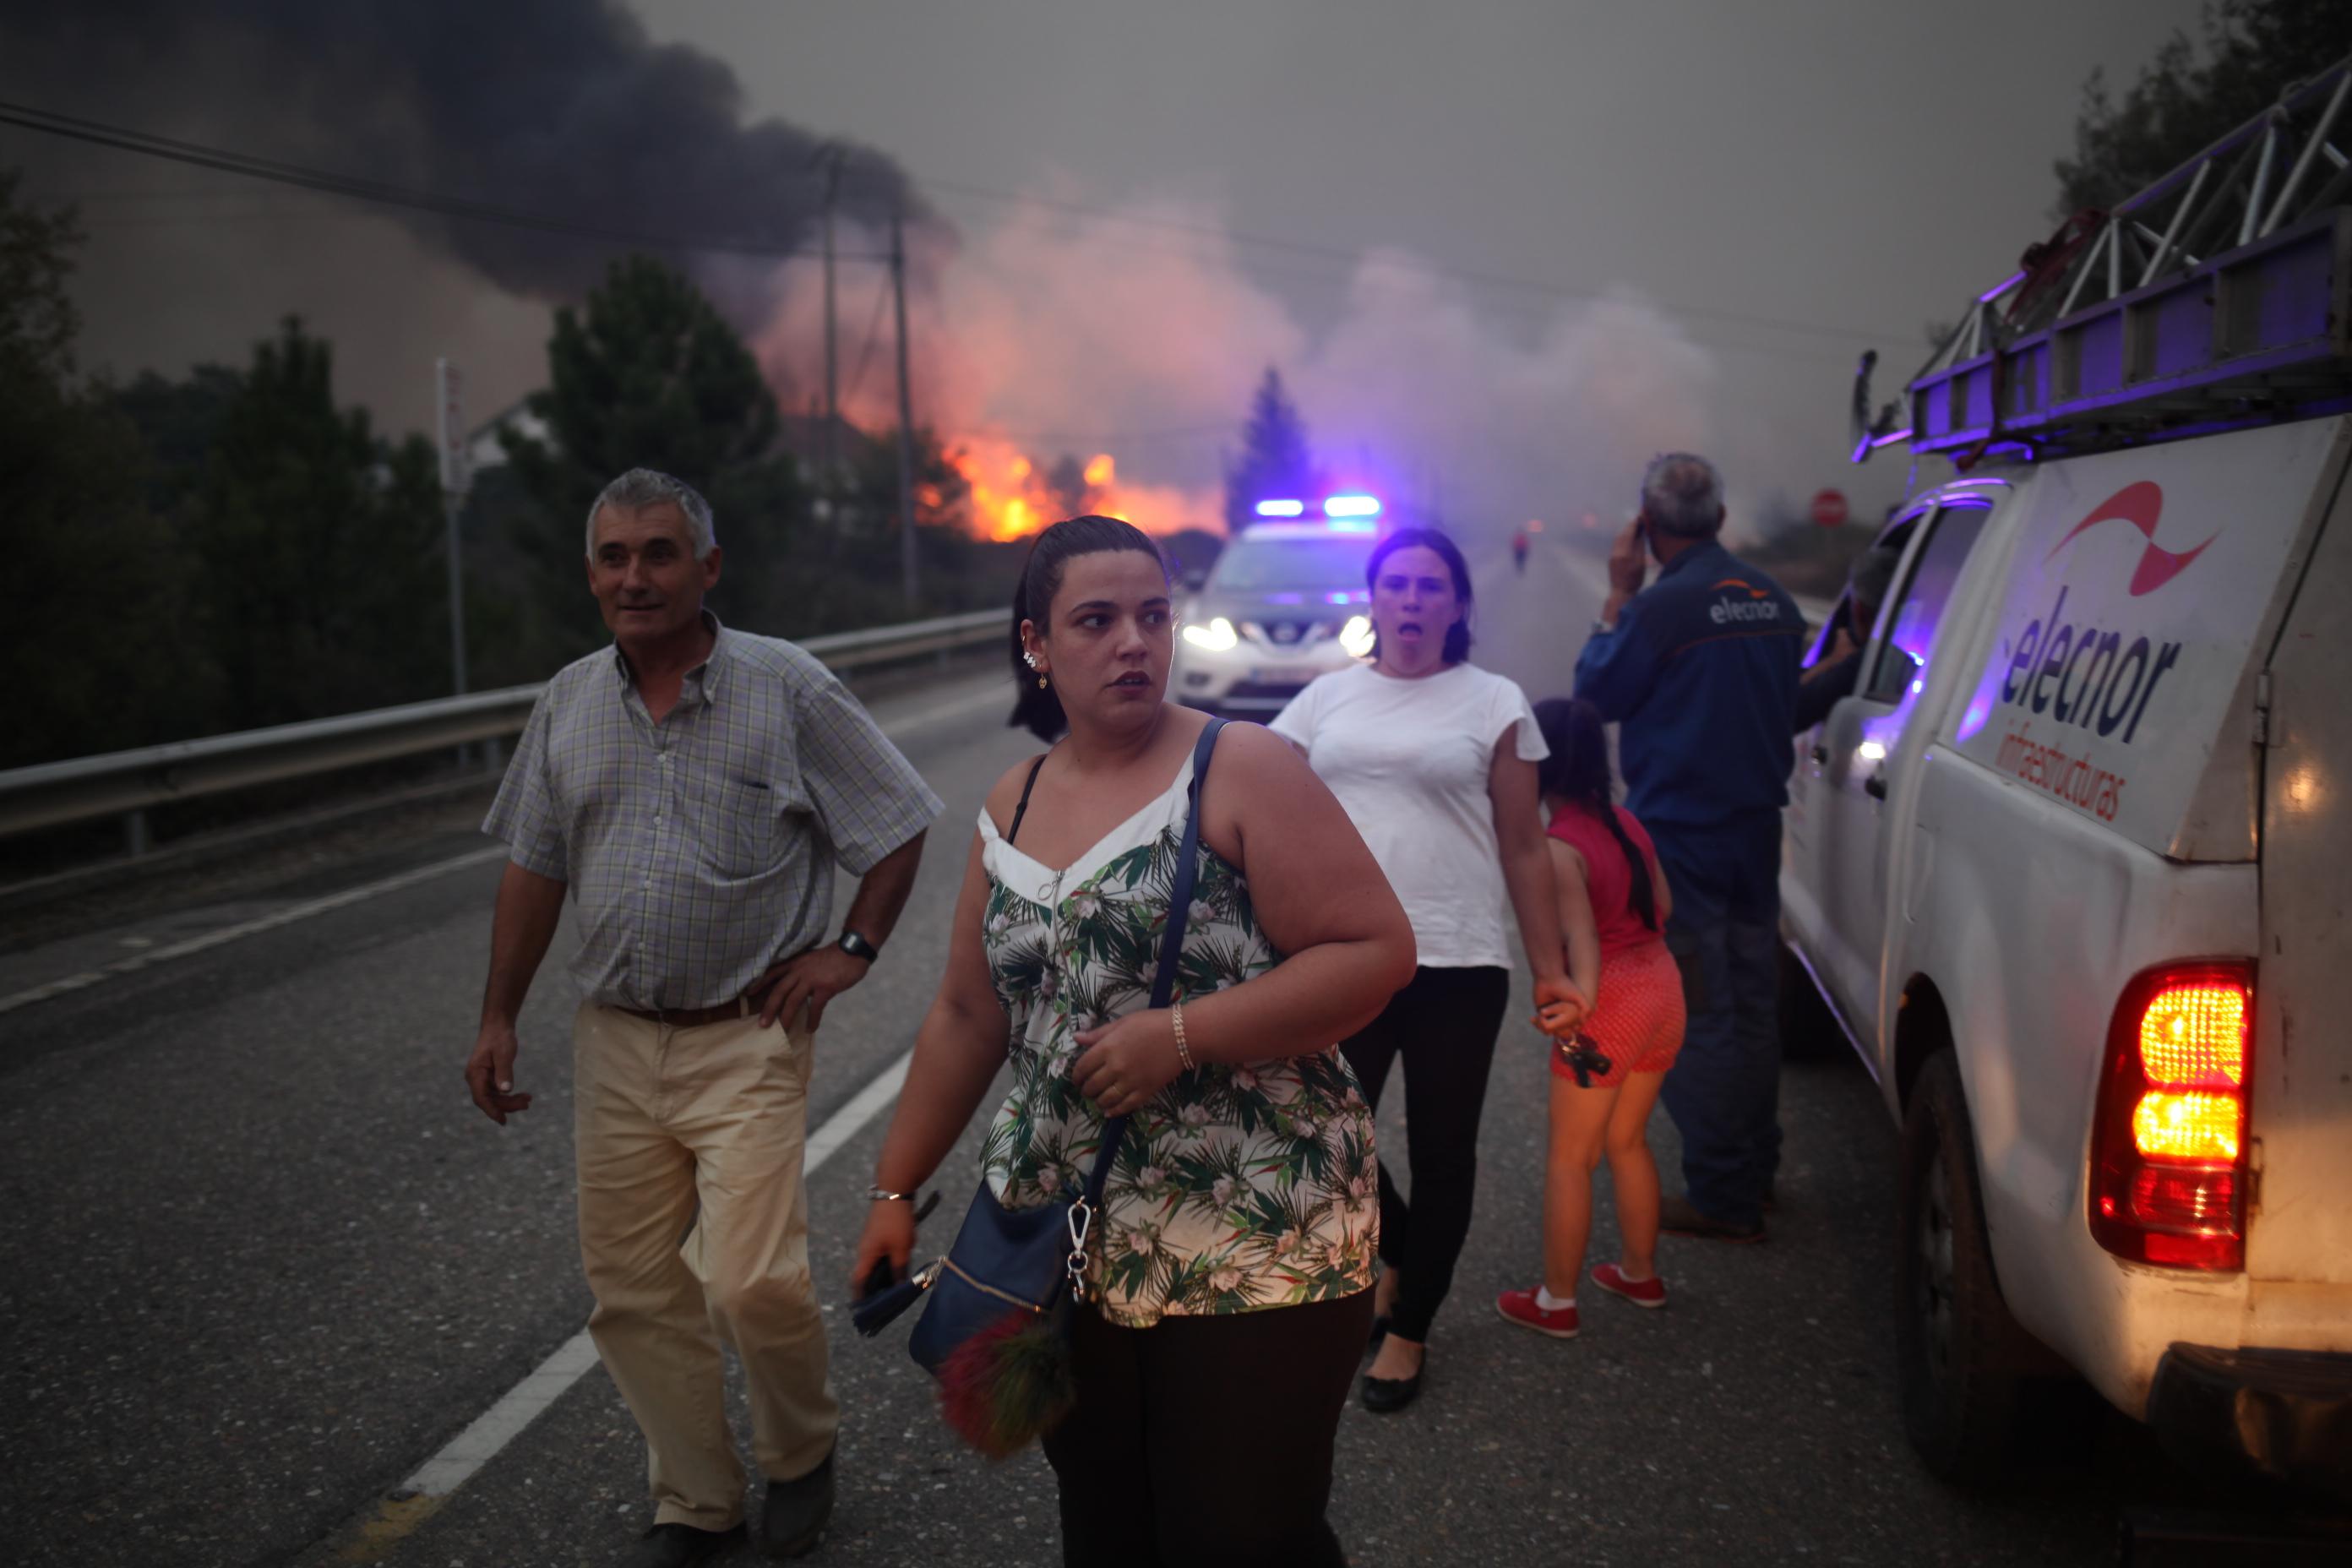 incendios en Galicia As Neves arde galicia